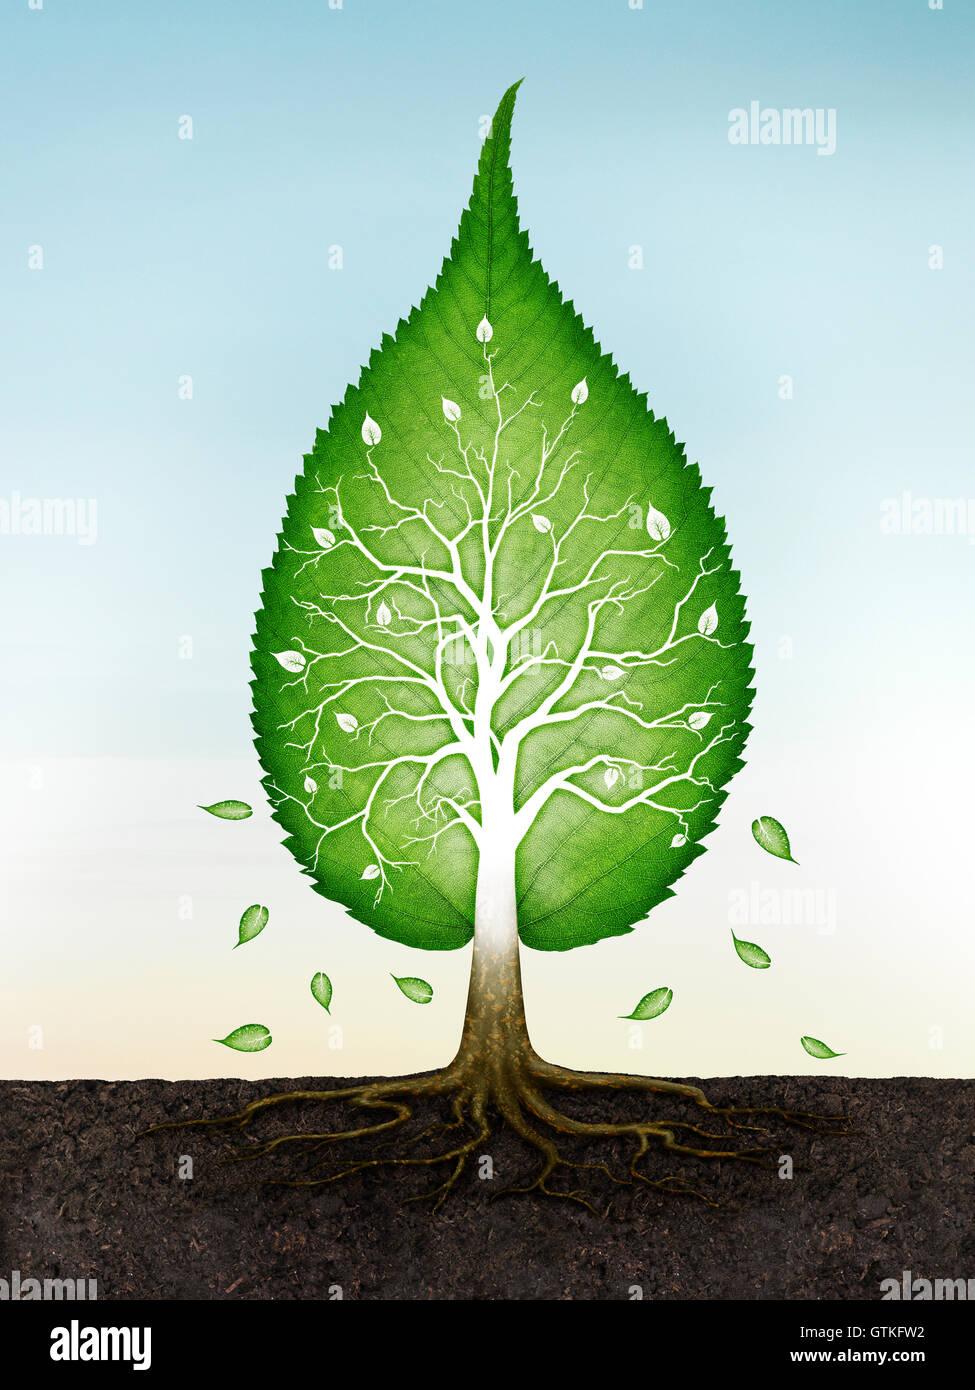 Árbol con forma de hoja verde con raíces en la tierra espiritual concepto zen sobre fondo de cielo azul. Ilustración Foto de stock